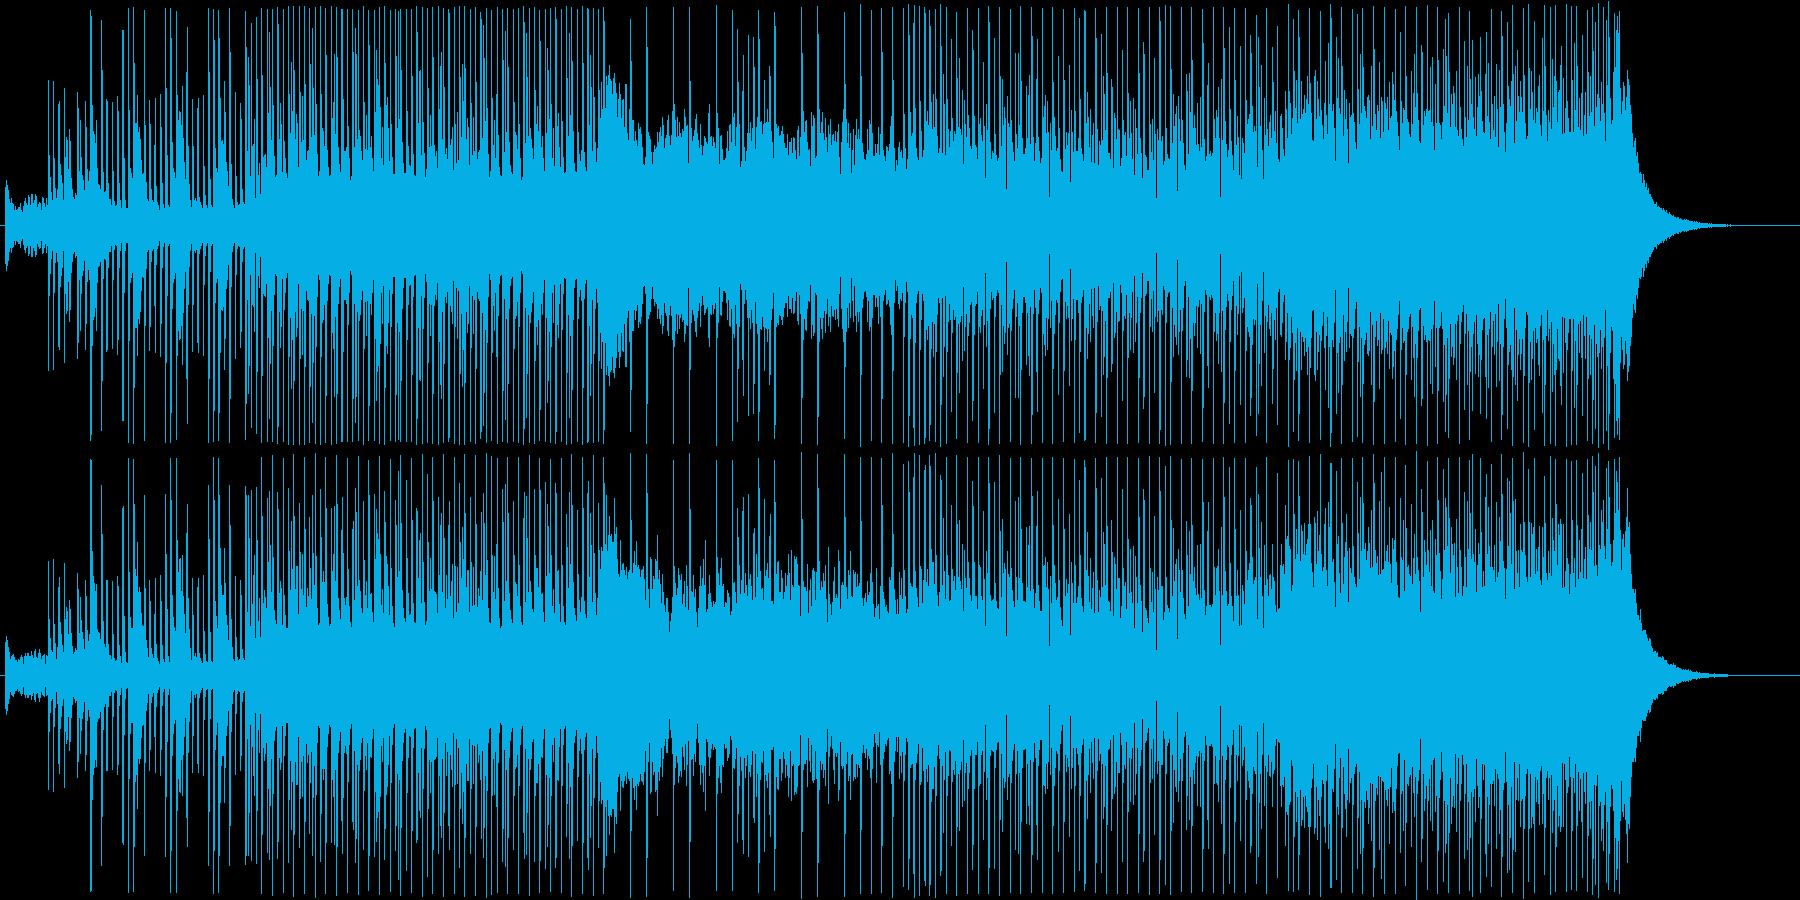 三味線を使った和風のクラブ音楽の再生済みの波形